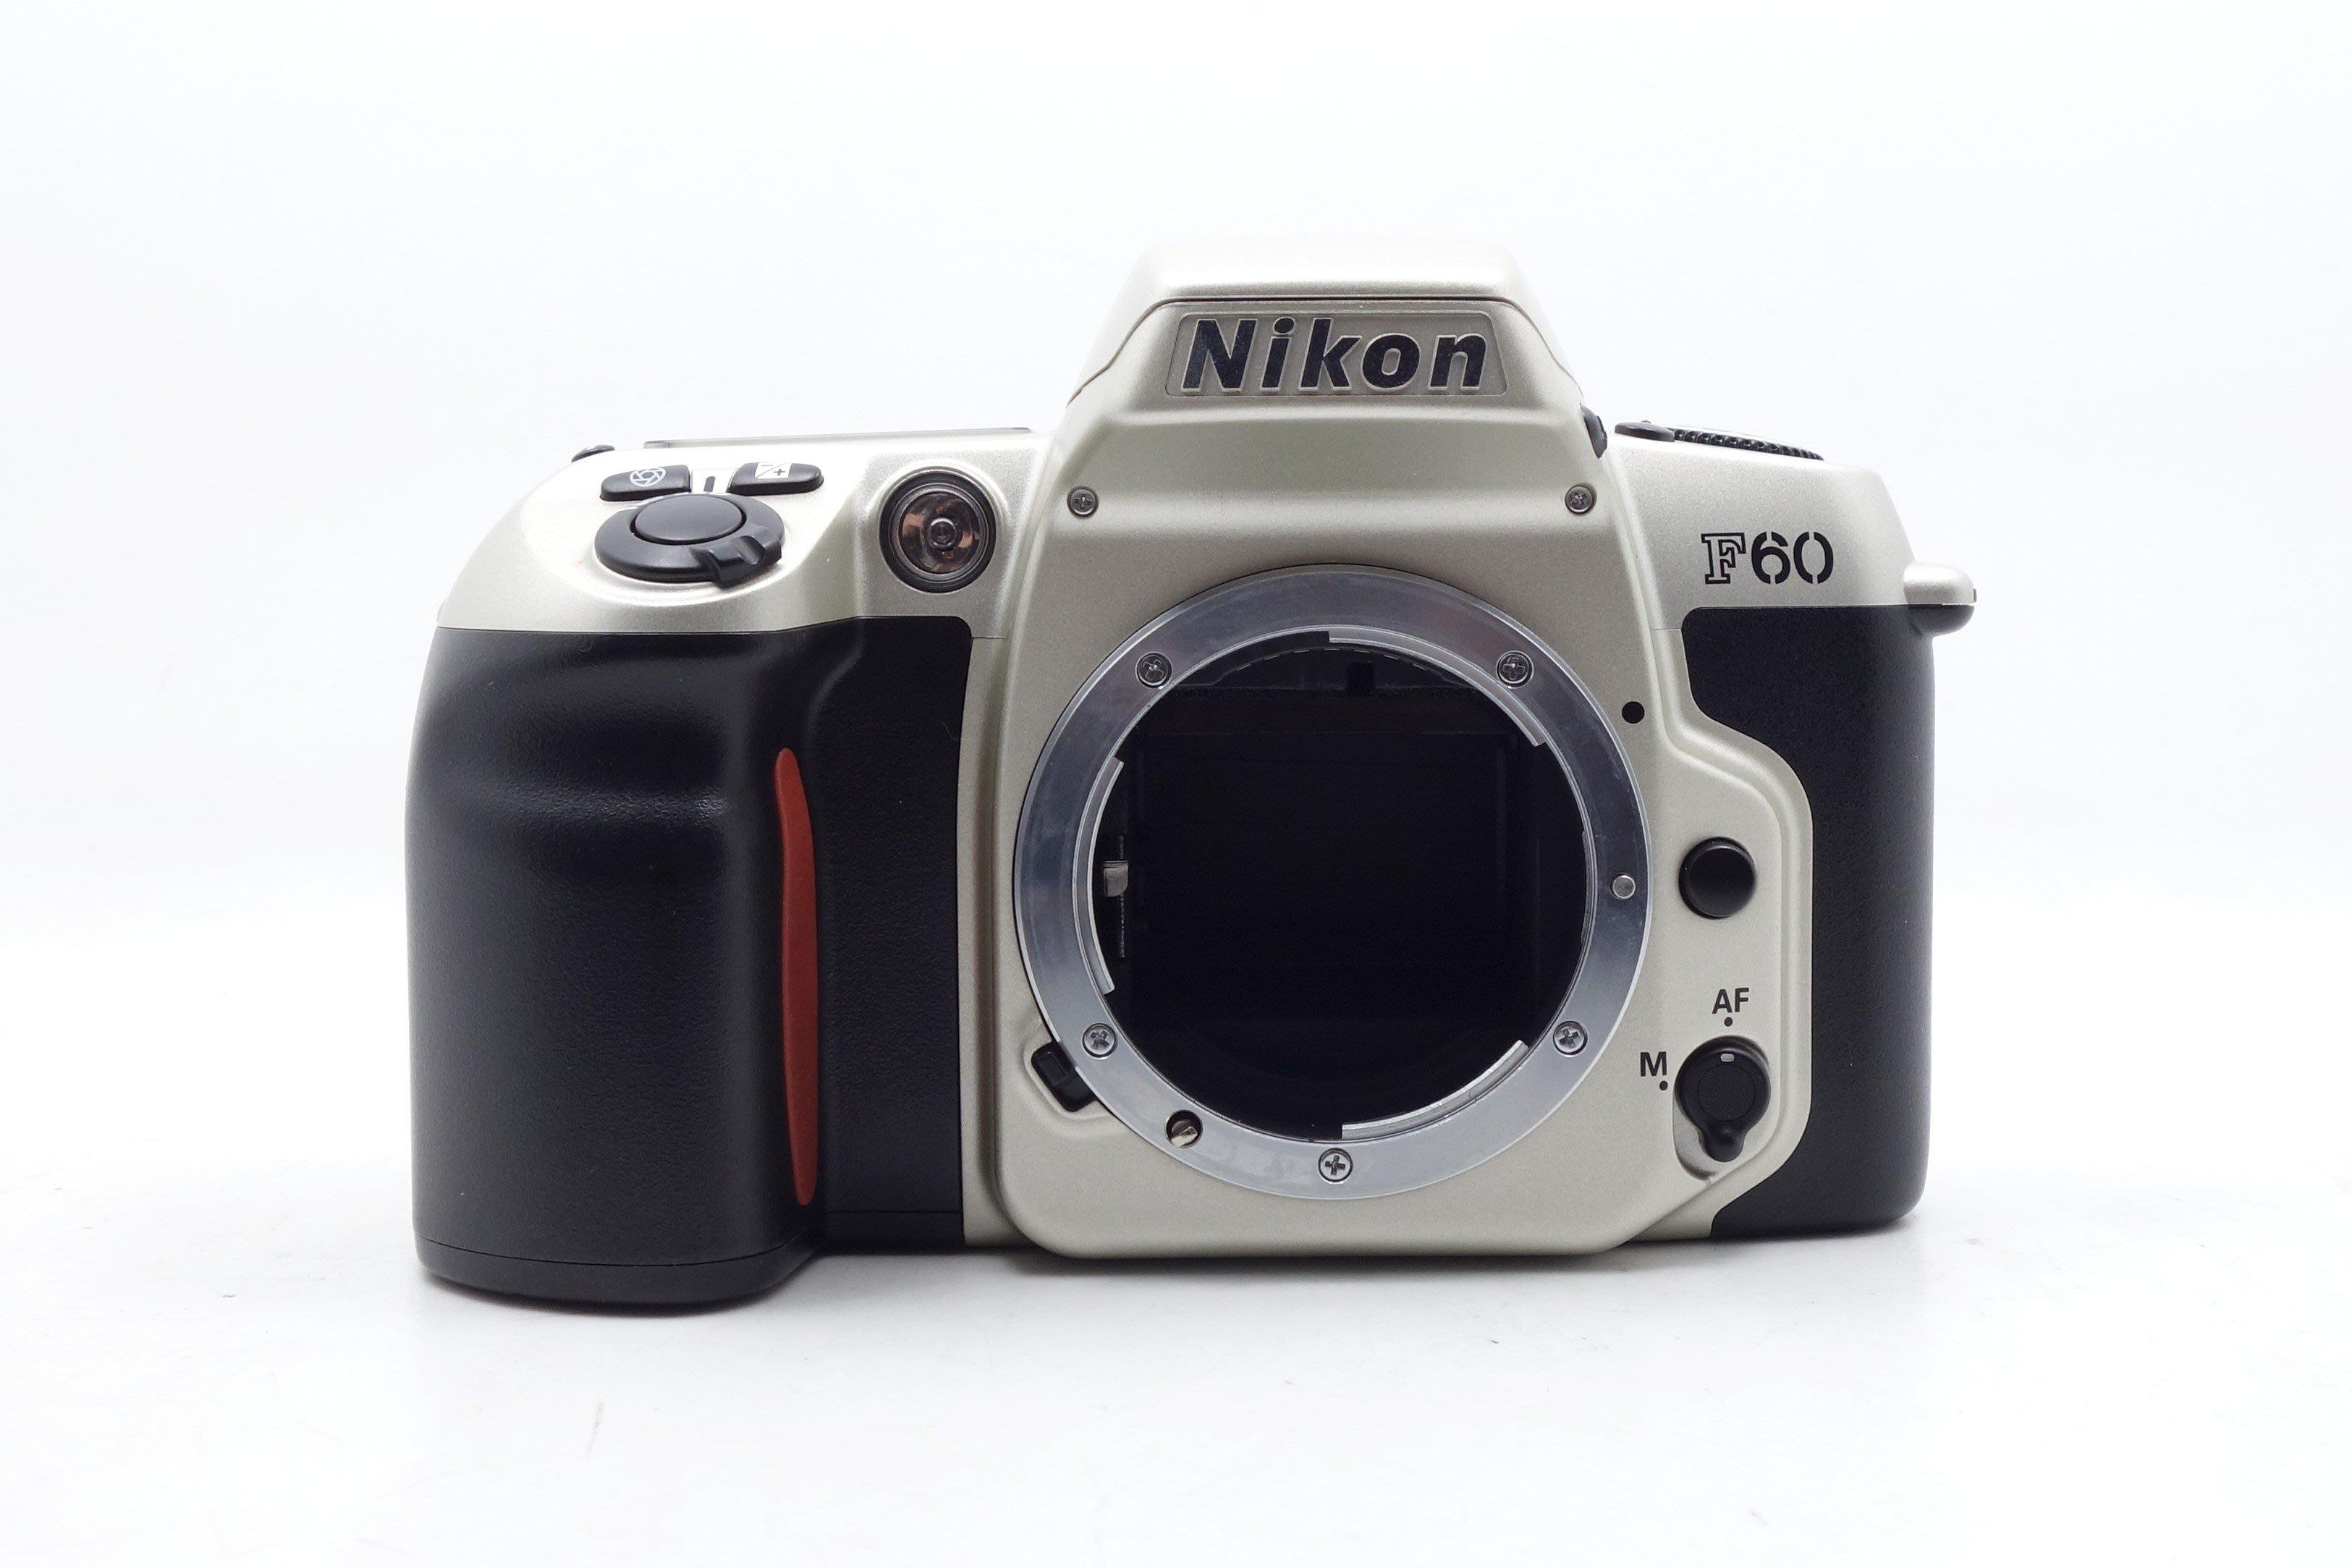 【台中青蘋果競標】Nikon F60 單機身 底片相機 瑕疵機出售 反光鏡頭卡住 #41243